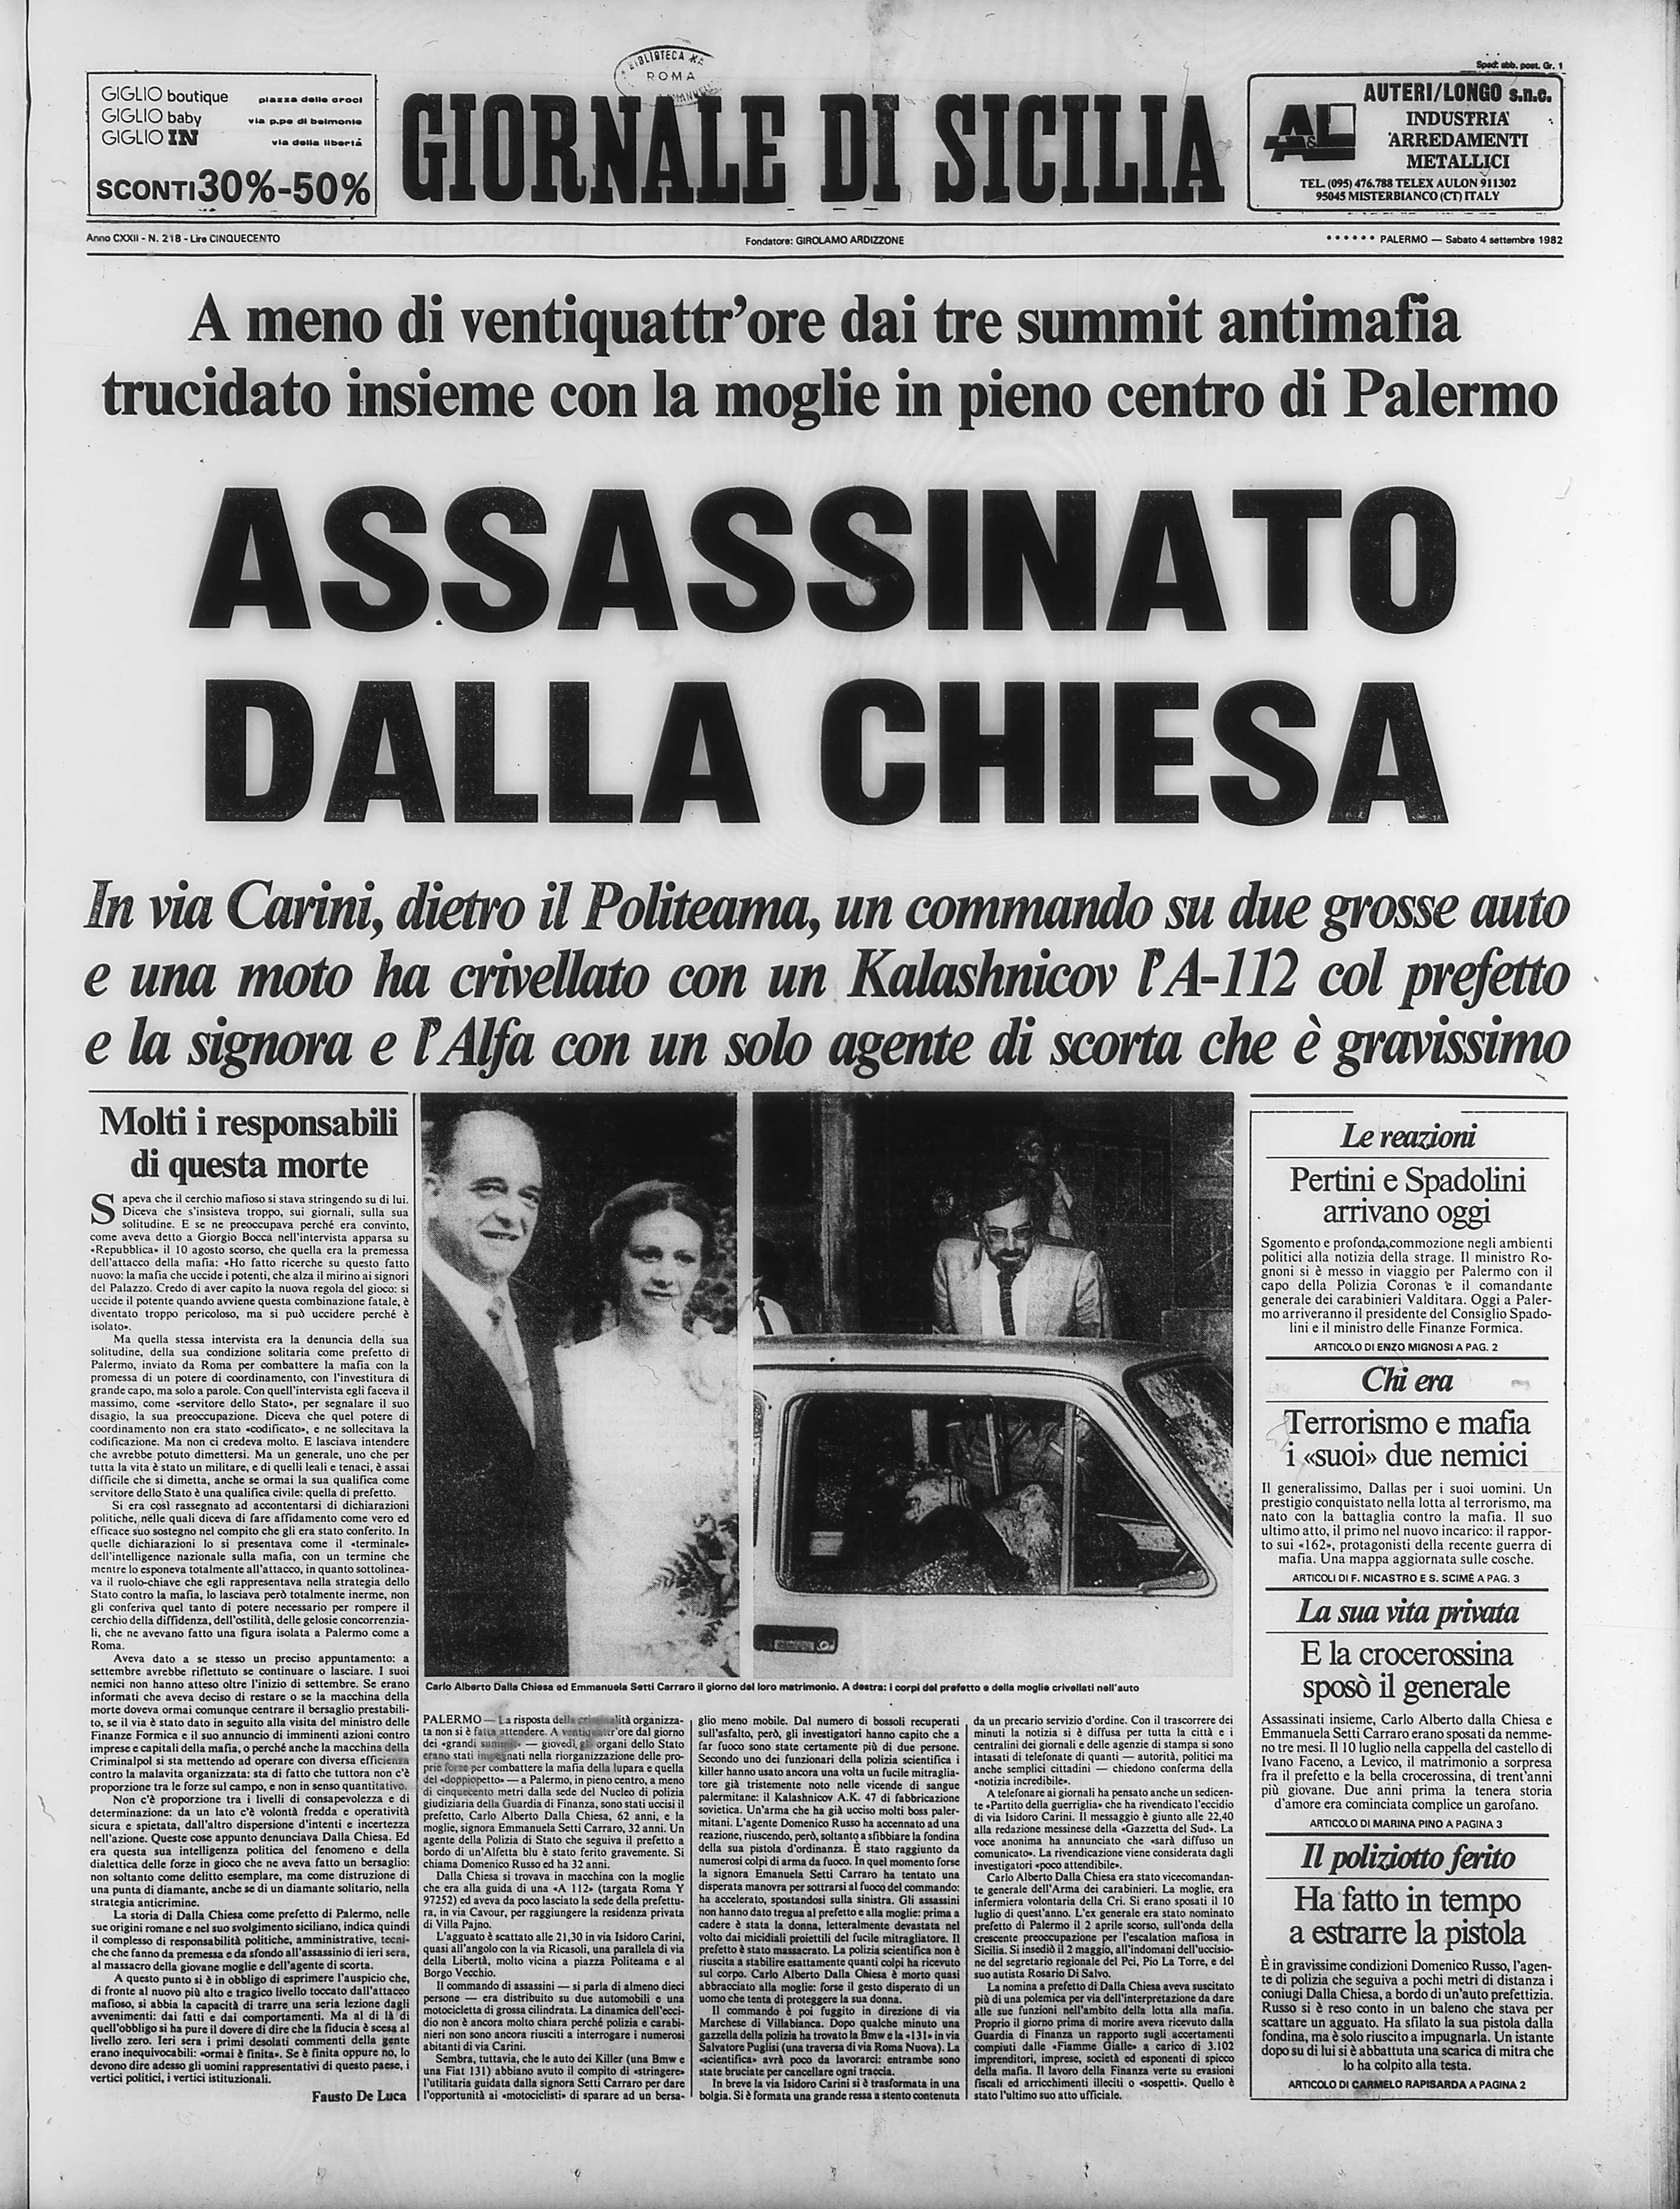 fig4-giornale-di-sicilia-04-09-1982-p-1_1418802540526-jpg